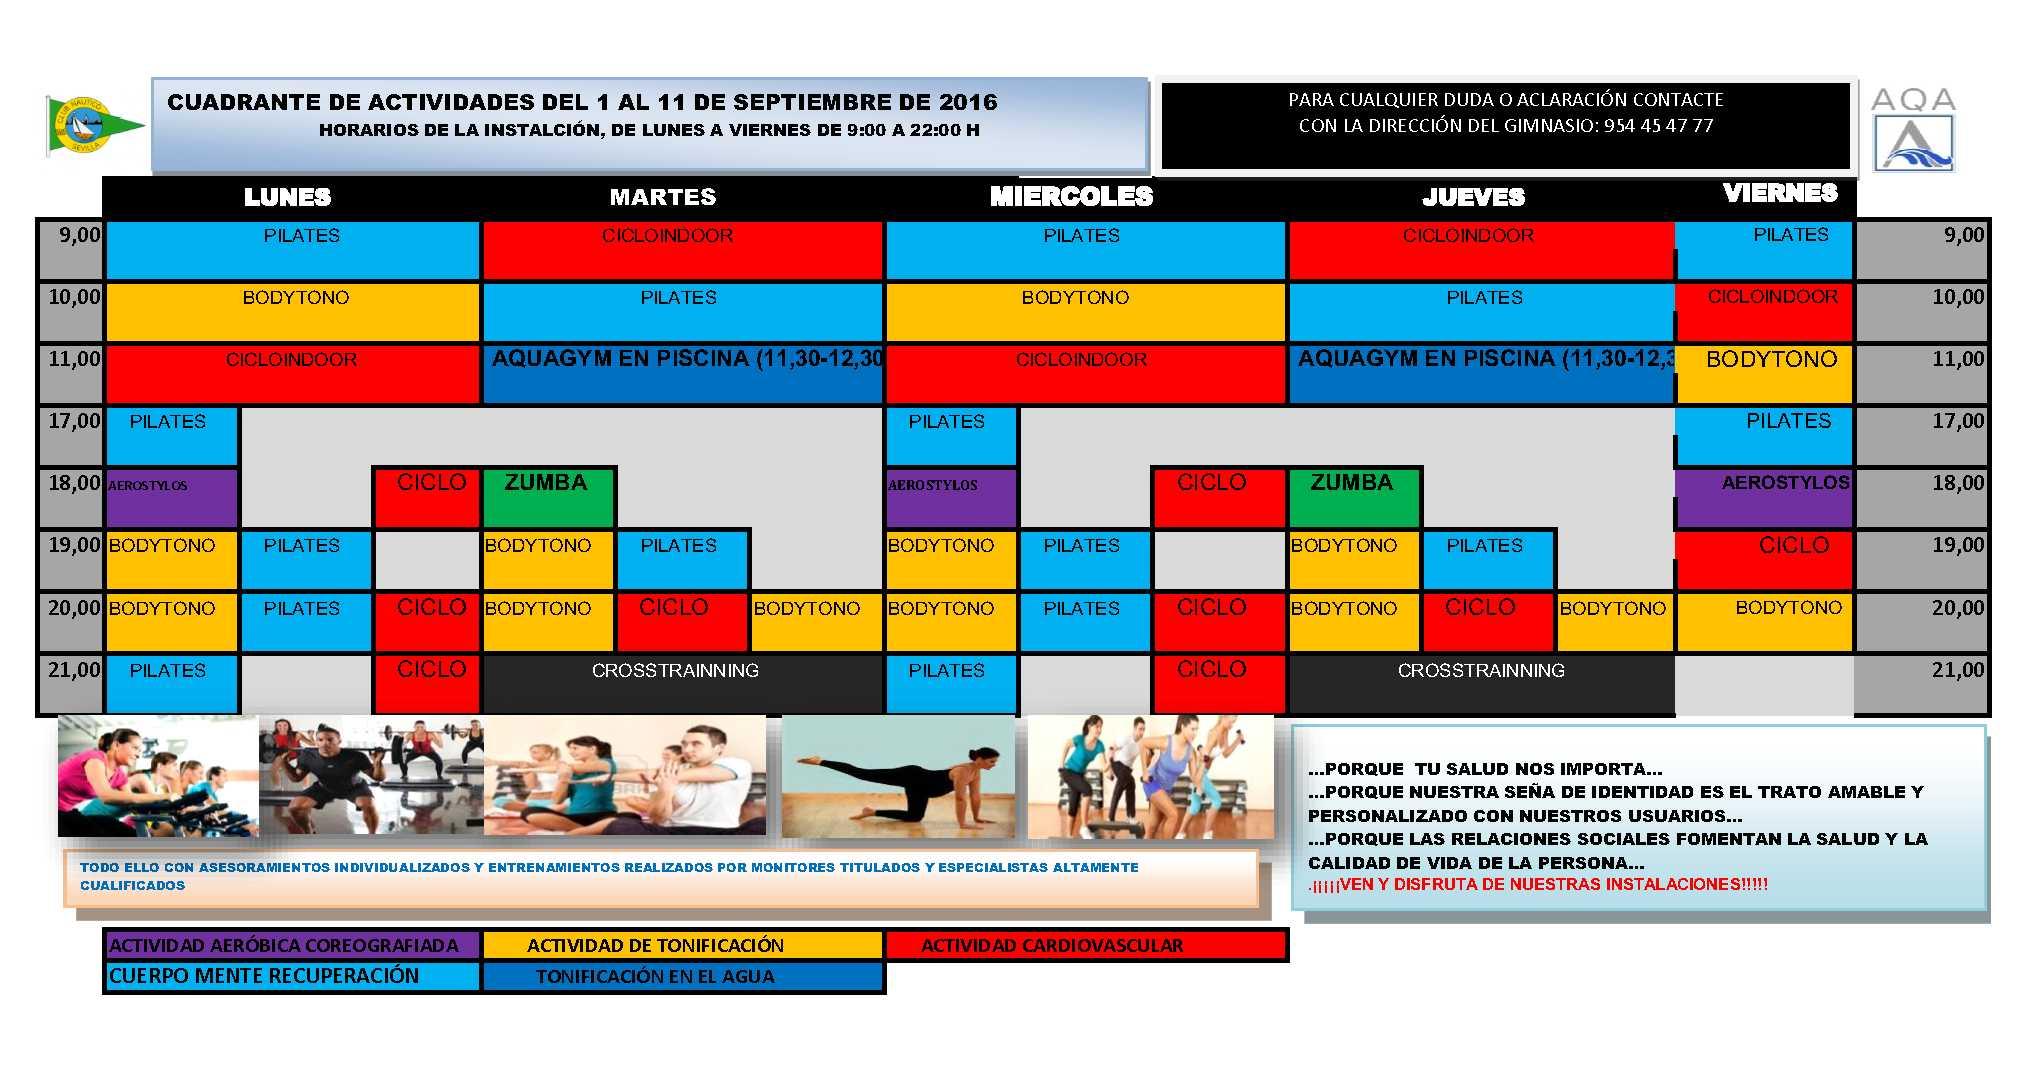 actividades horarios del gimnasio del 1 al 11 de